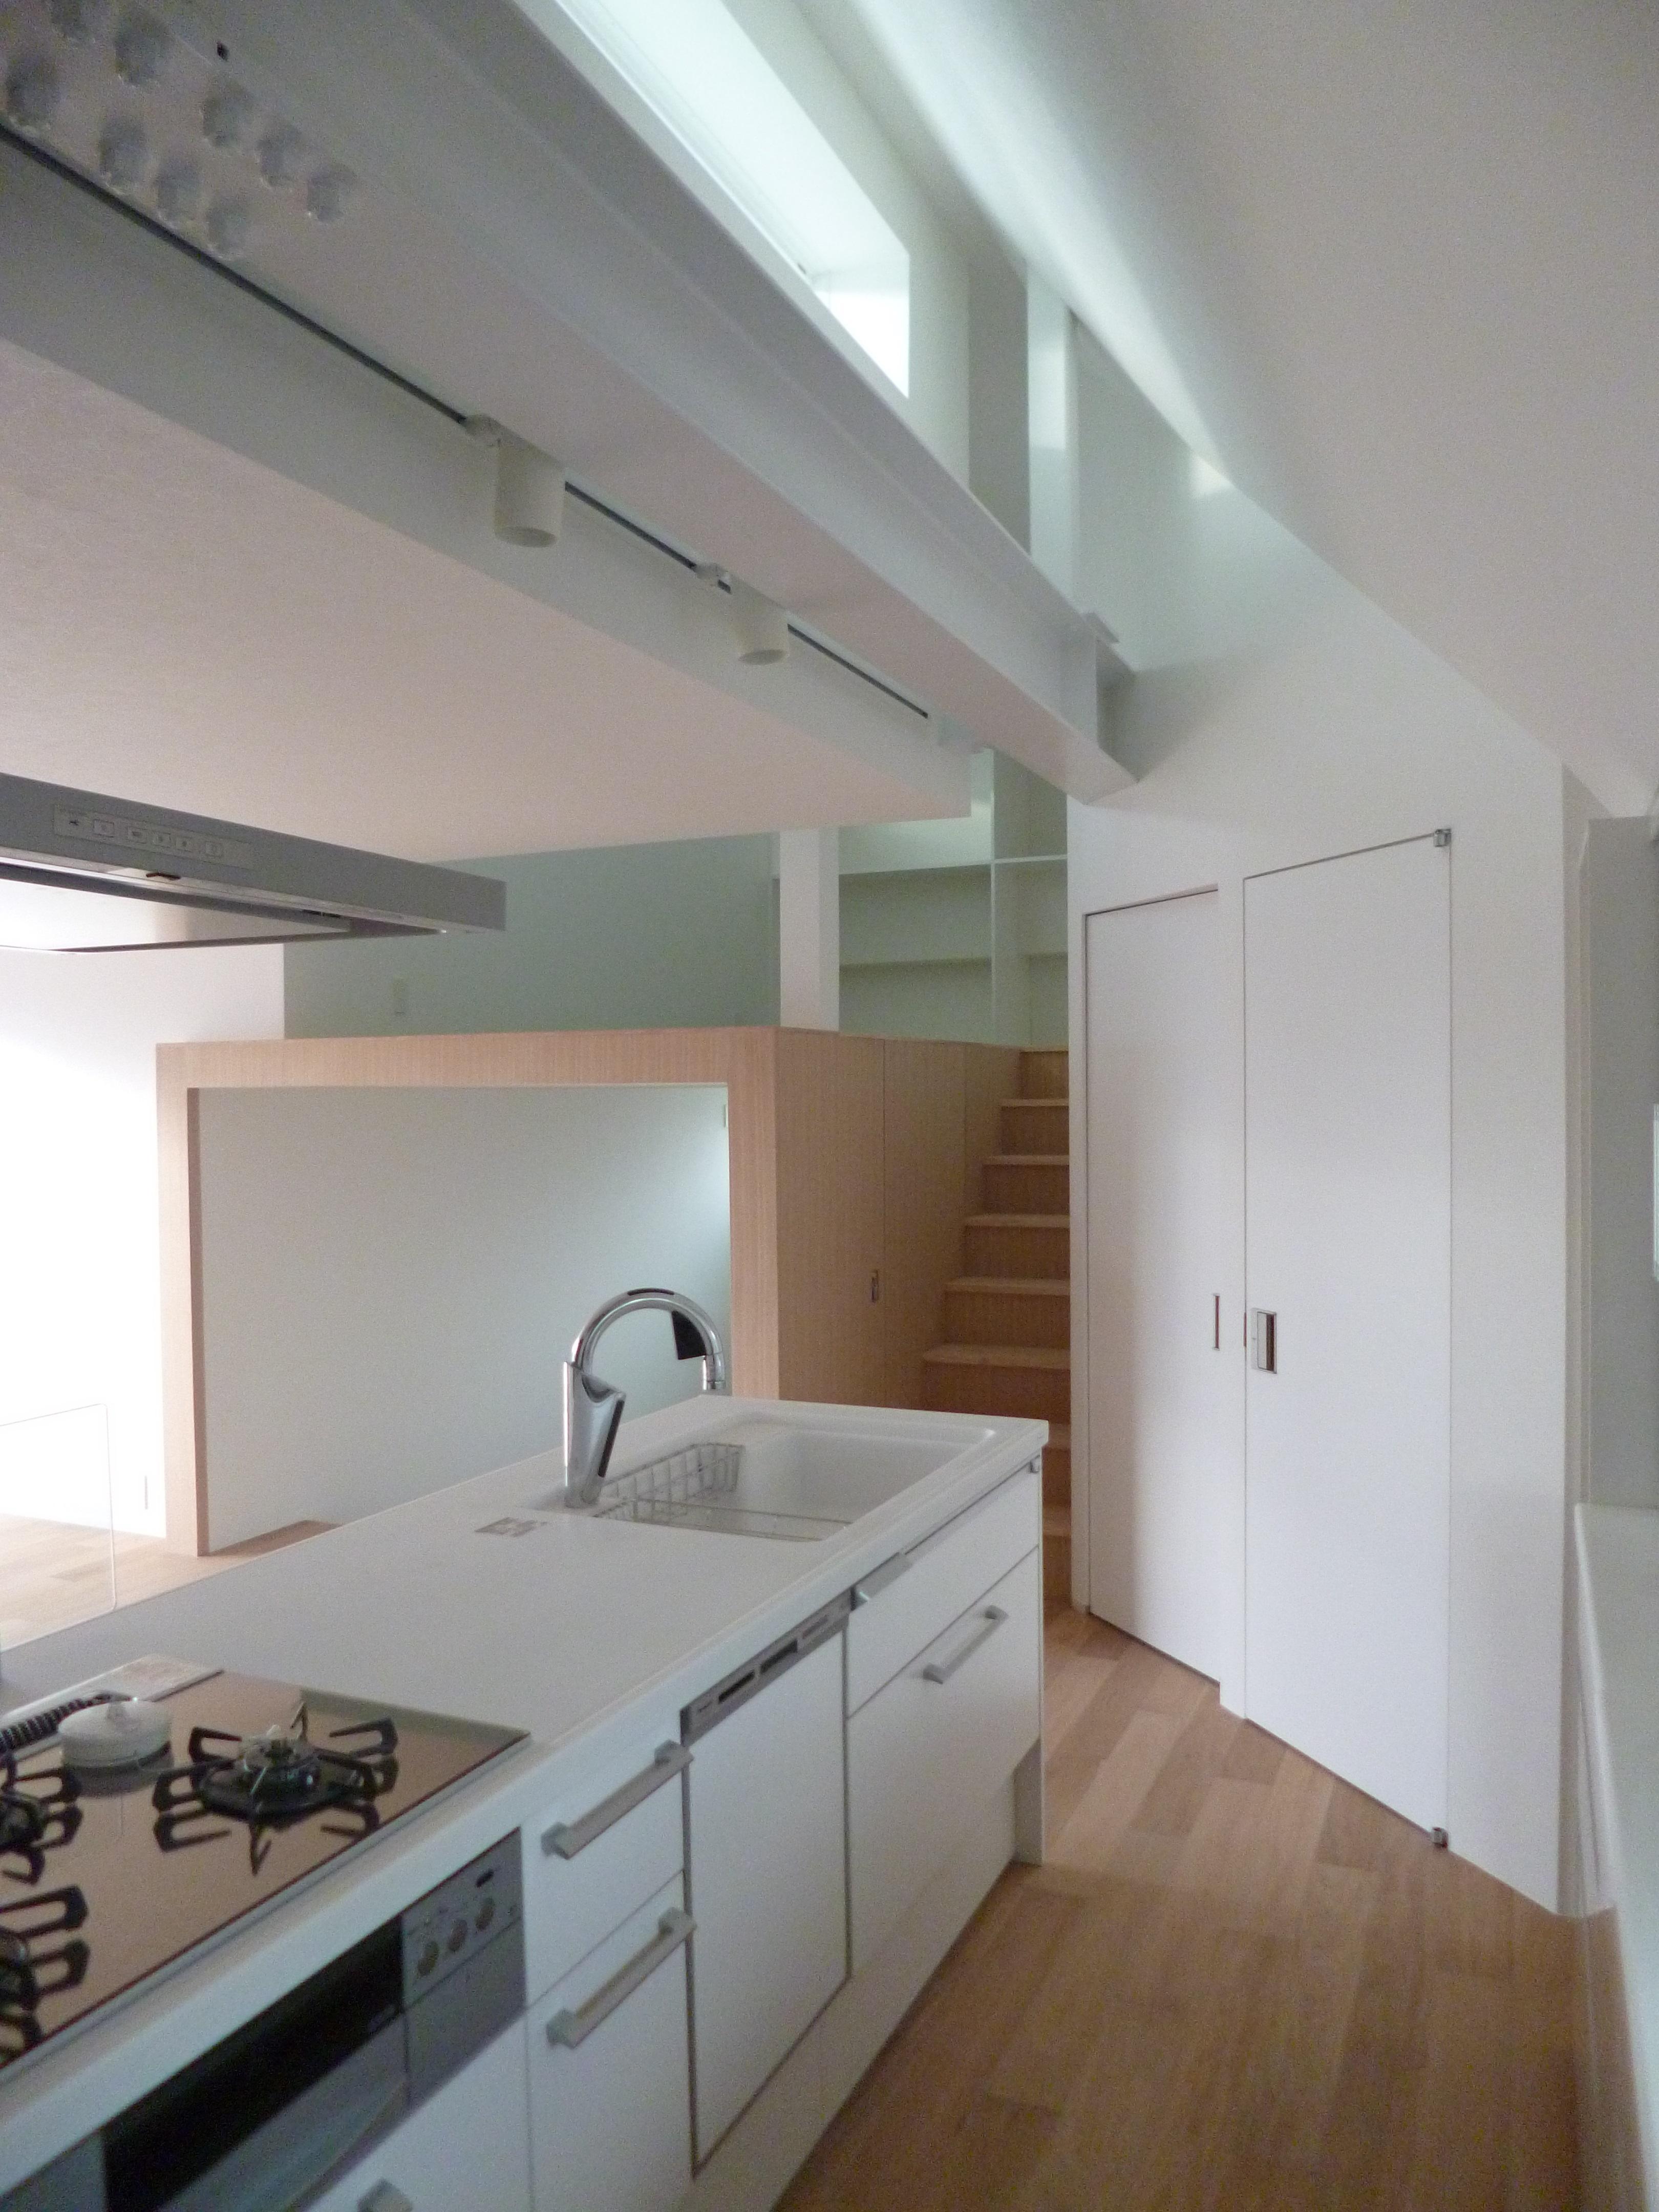 KRYM-元住吉の医院併用二世帯住宅の部屋 光が差し込む白いキッチン